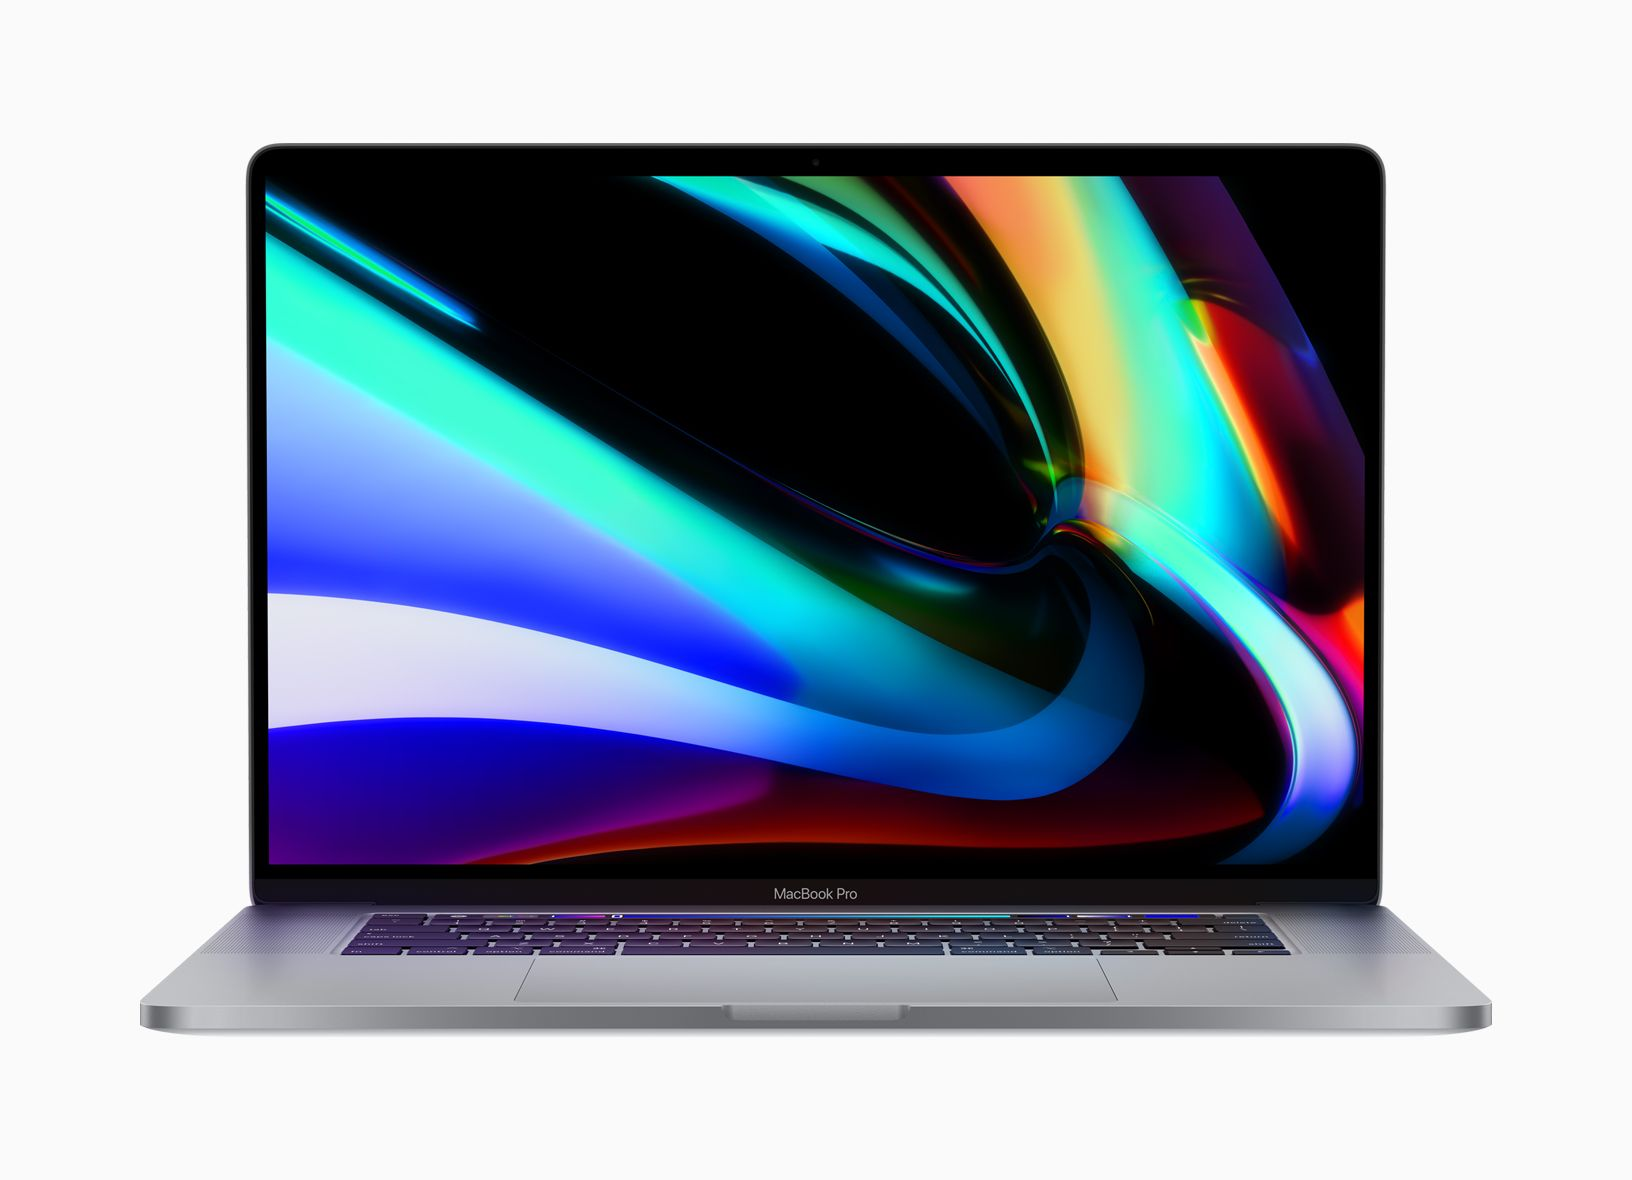 Prawdopodobnie Apple nadal planuje wprowadzić14,1 calowego MacBook'a Pro z wyświetlaczem mini-LED